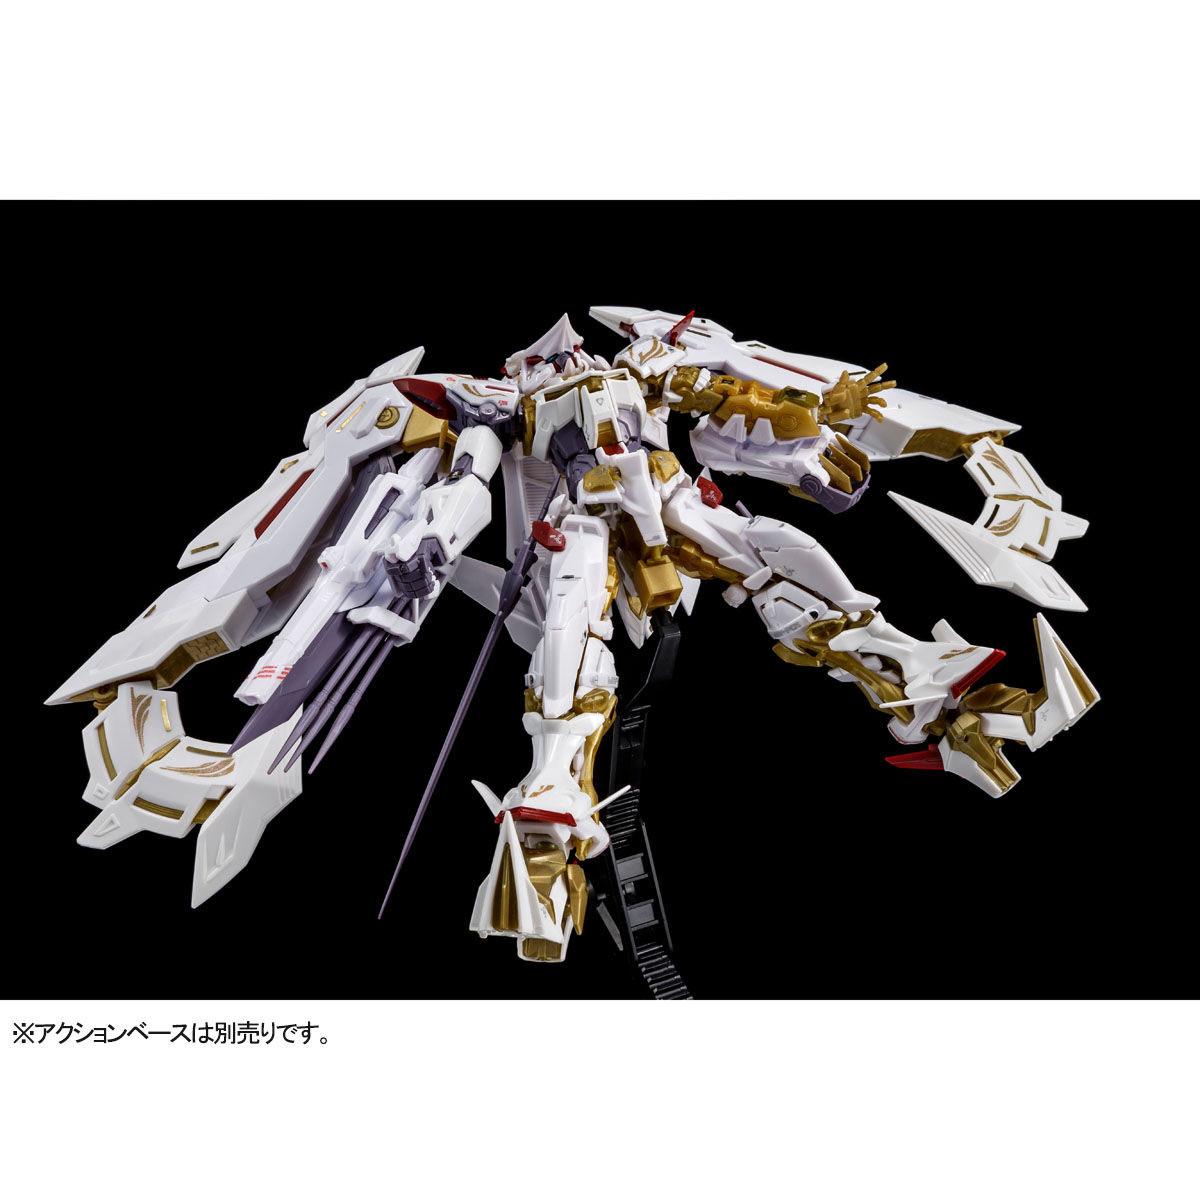 RG 1/144『ガンダムアストレイ ゴールドフレーム天(アマツ)ハナ』ガンダムSEED プラモデル-006